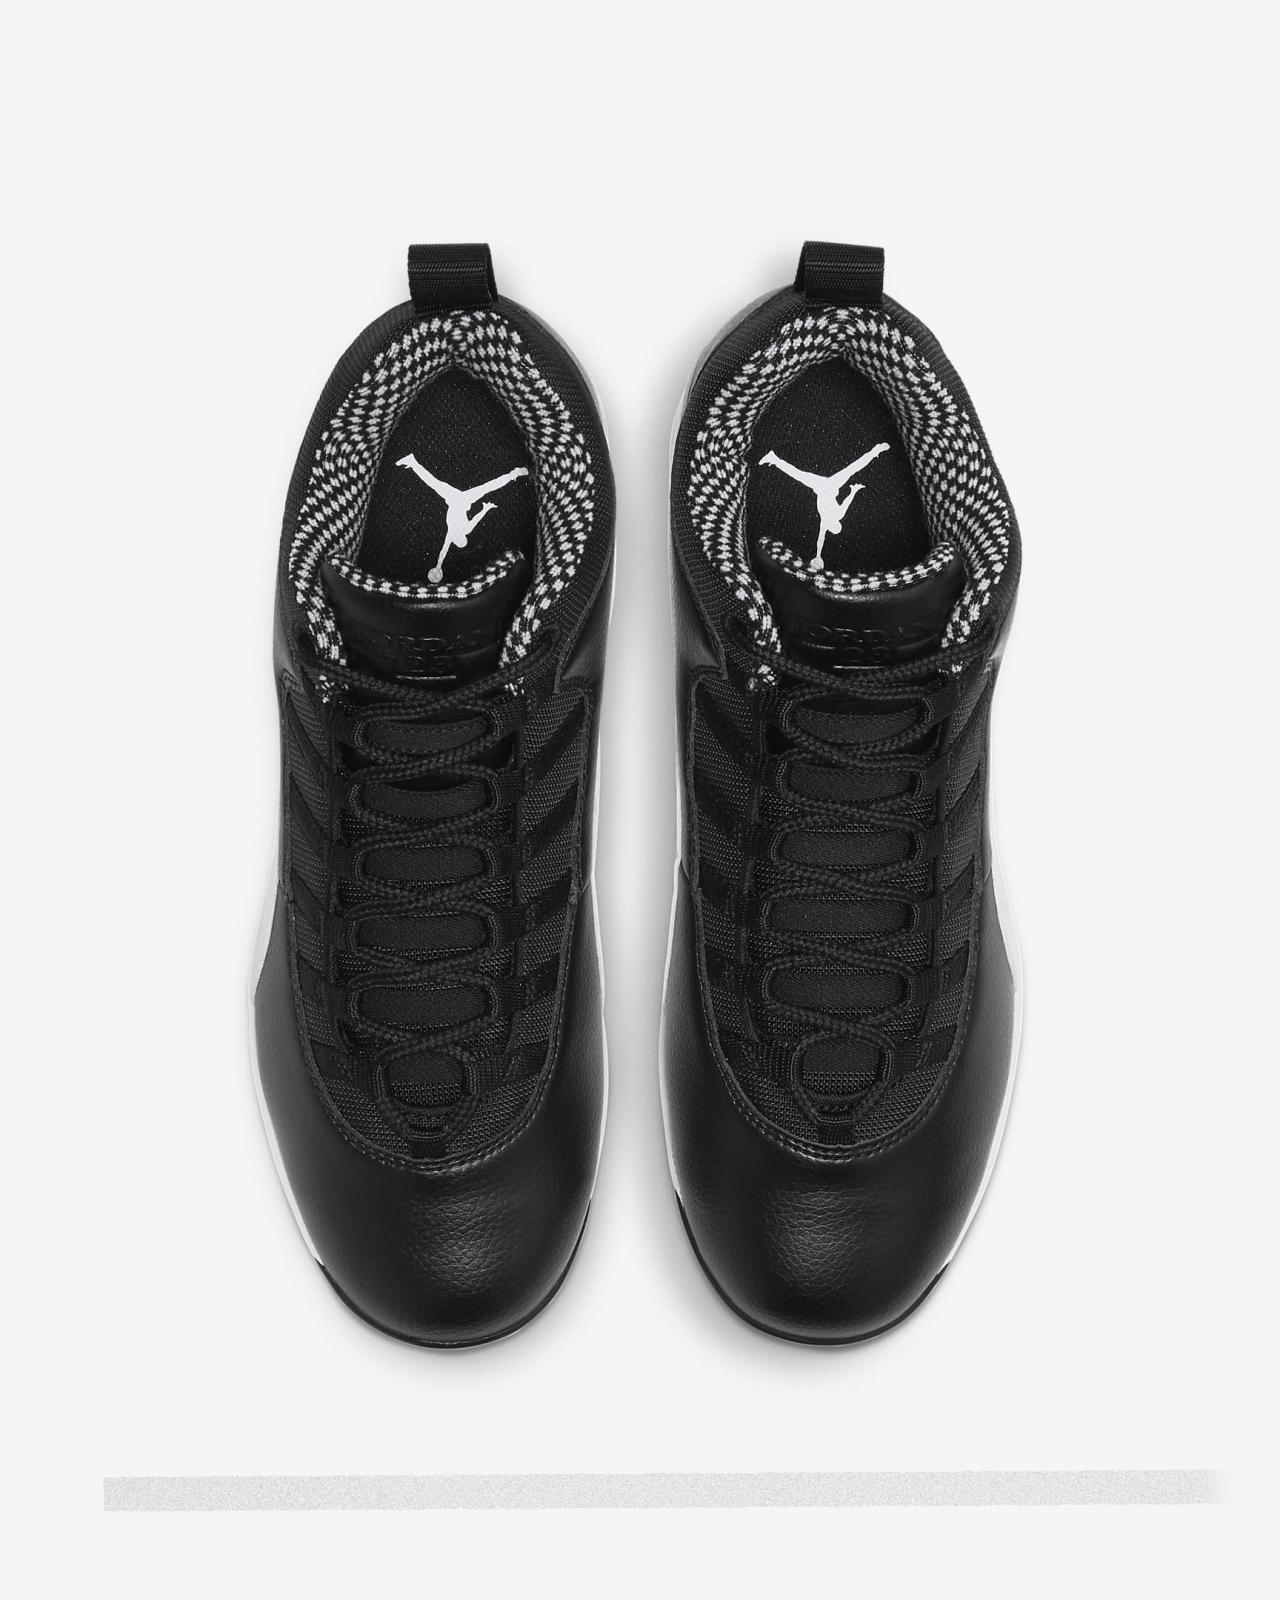 Jordan品牌推出全新黑/白色Jordan Retro 10 MCS Low